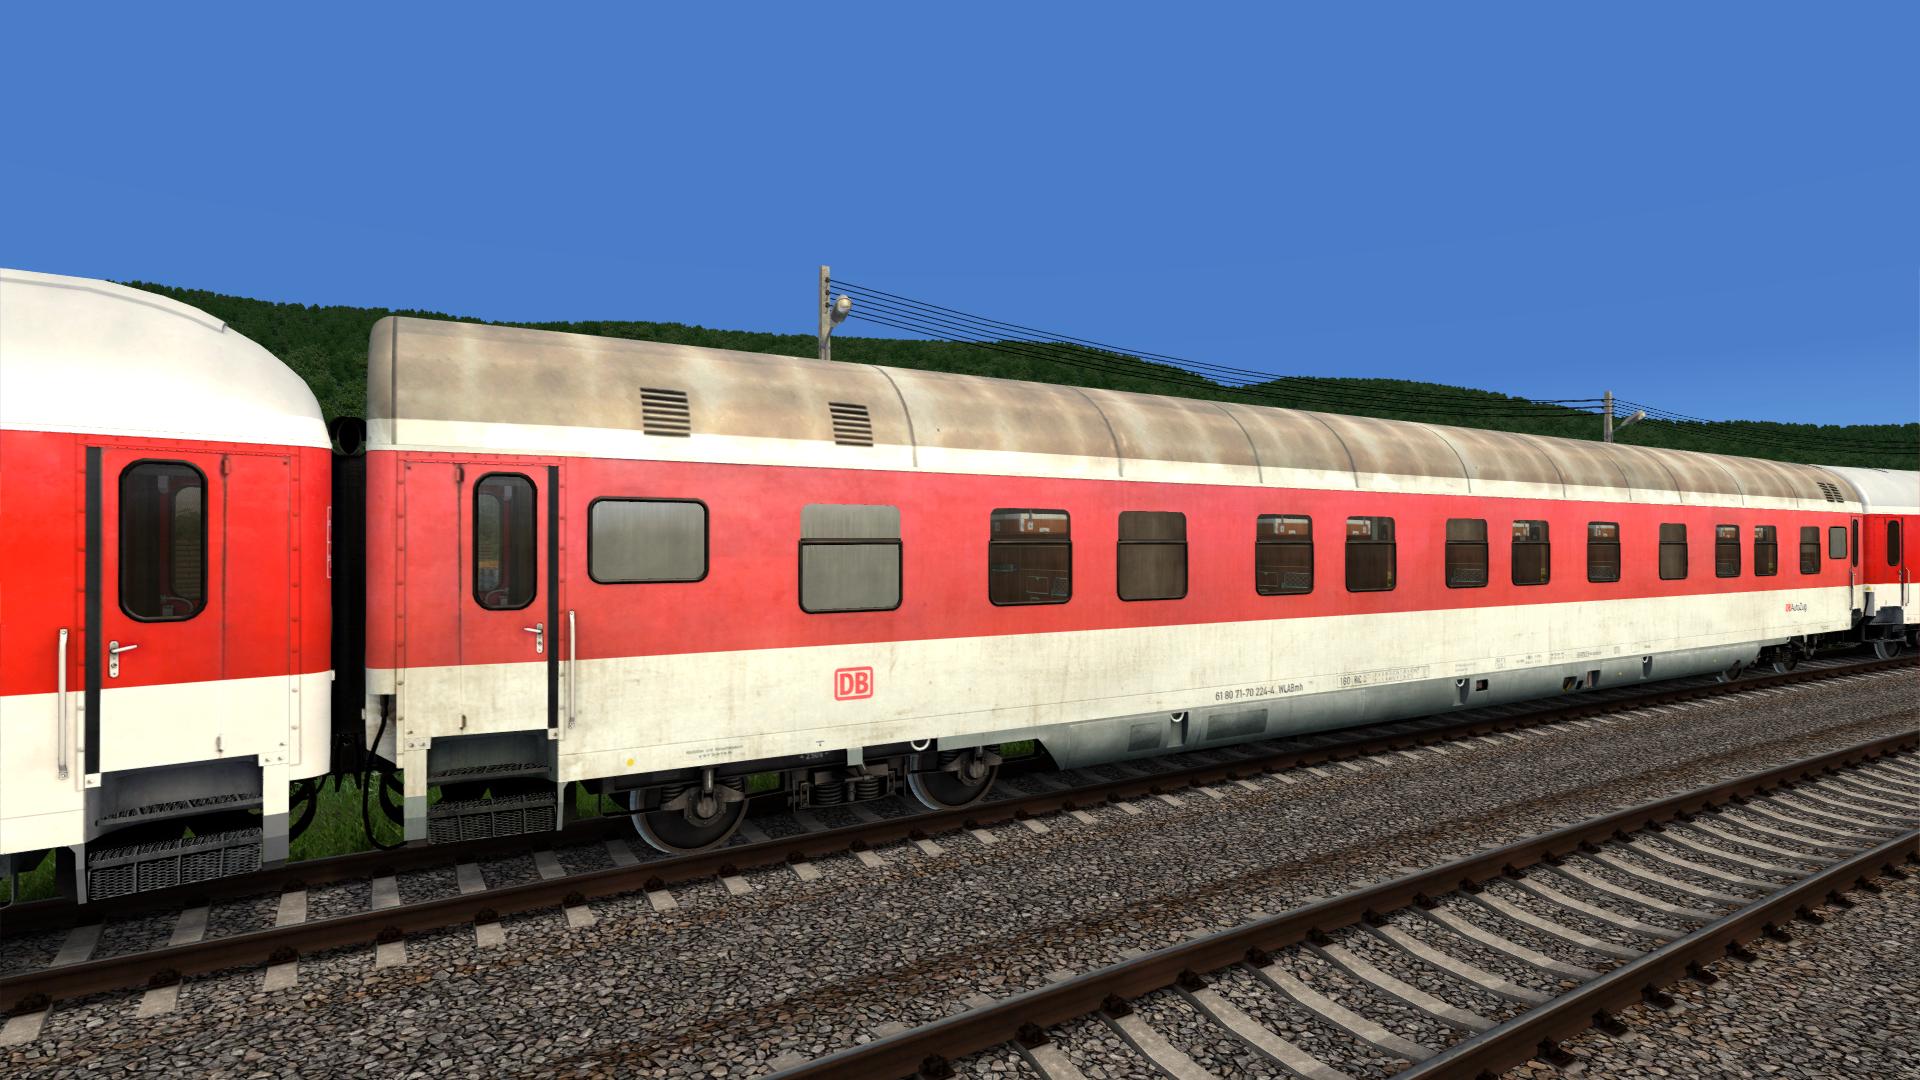 RailWorks64 2021-03-21 15-30-43